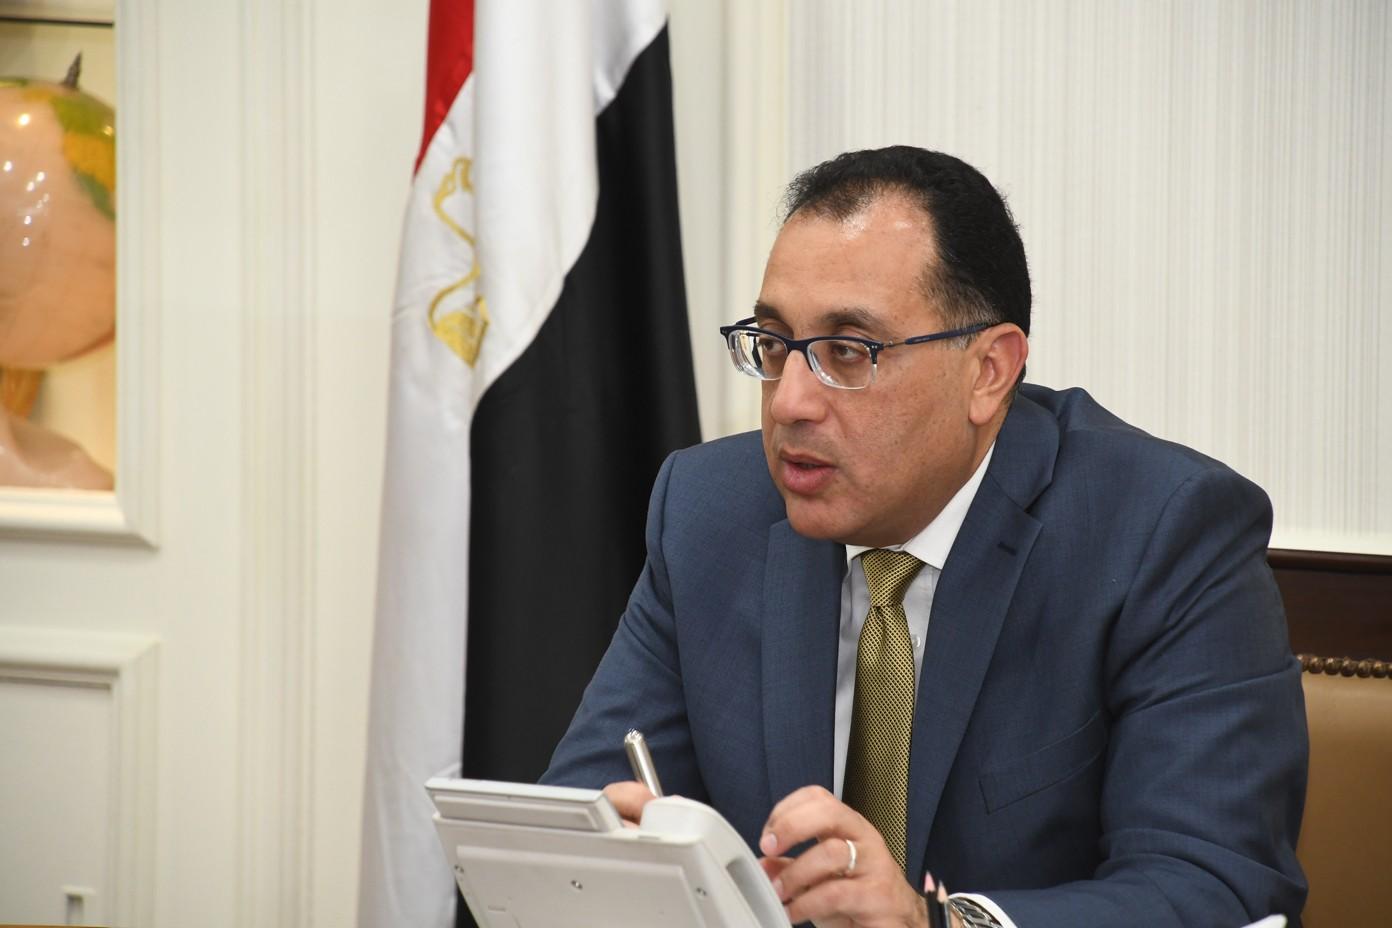 5 أيام متتالية إجازة.. قرارات رئيس الوزراء اليوم بشأن إجازة عيد العمال وشم النسيم وتحرير سيناء 3